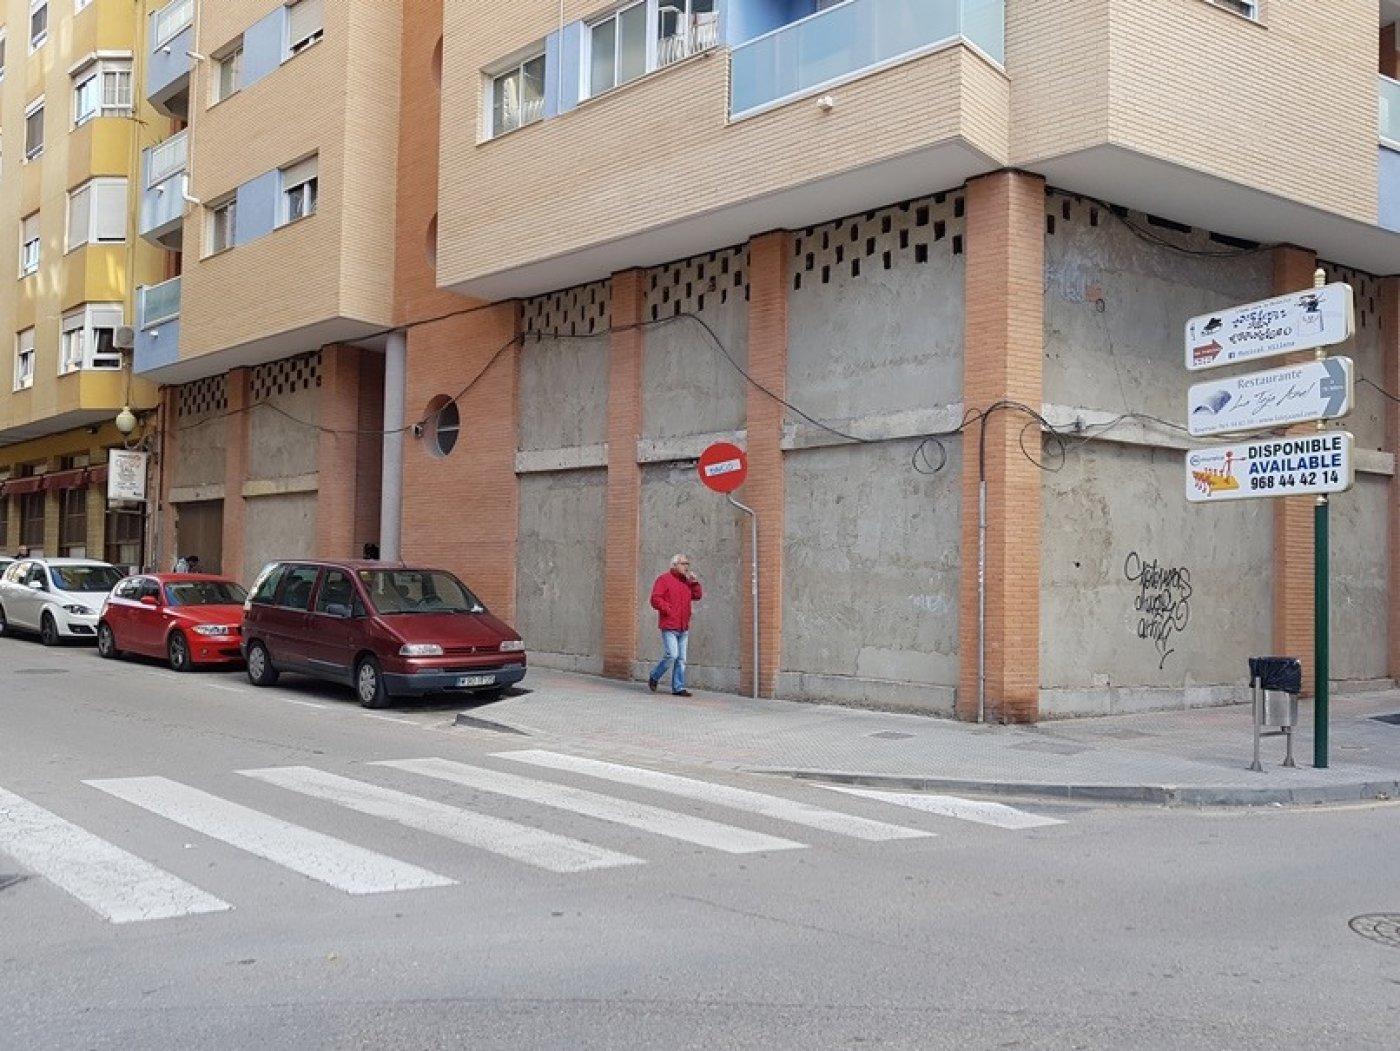 Locales comerciales - 00853